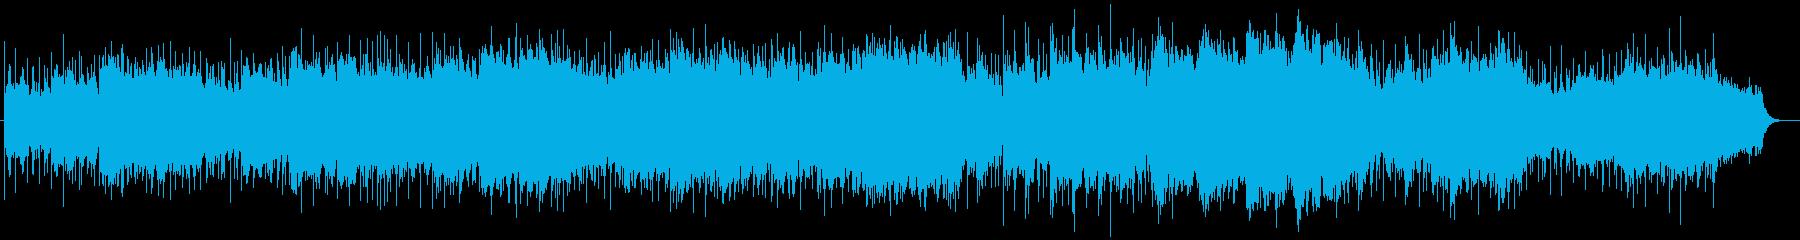 美しくキラキラ感のあるシンセサイザー曲の再生済みの波形